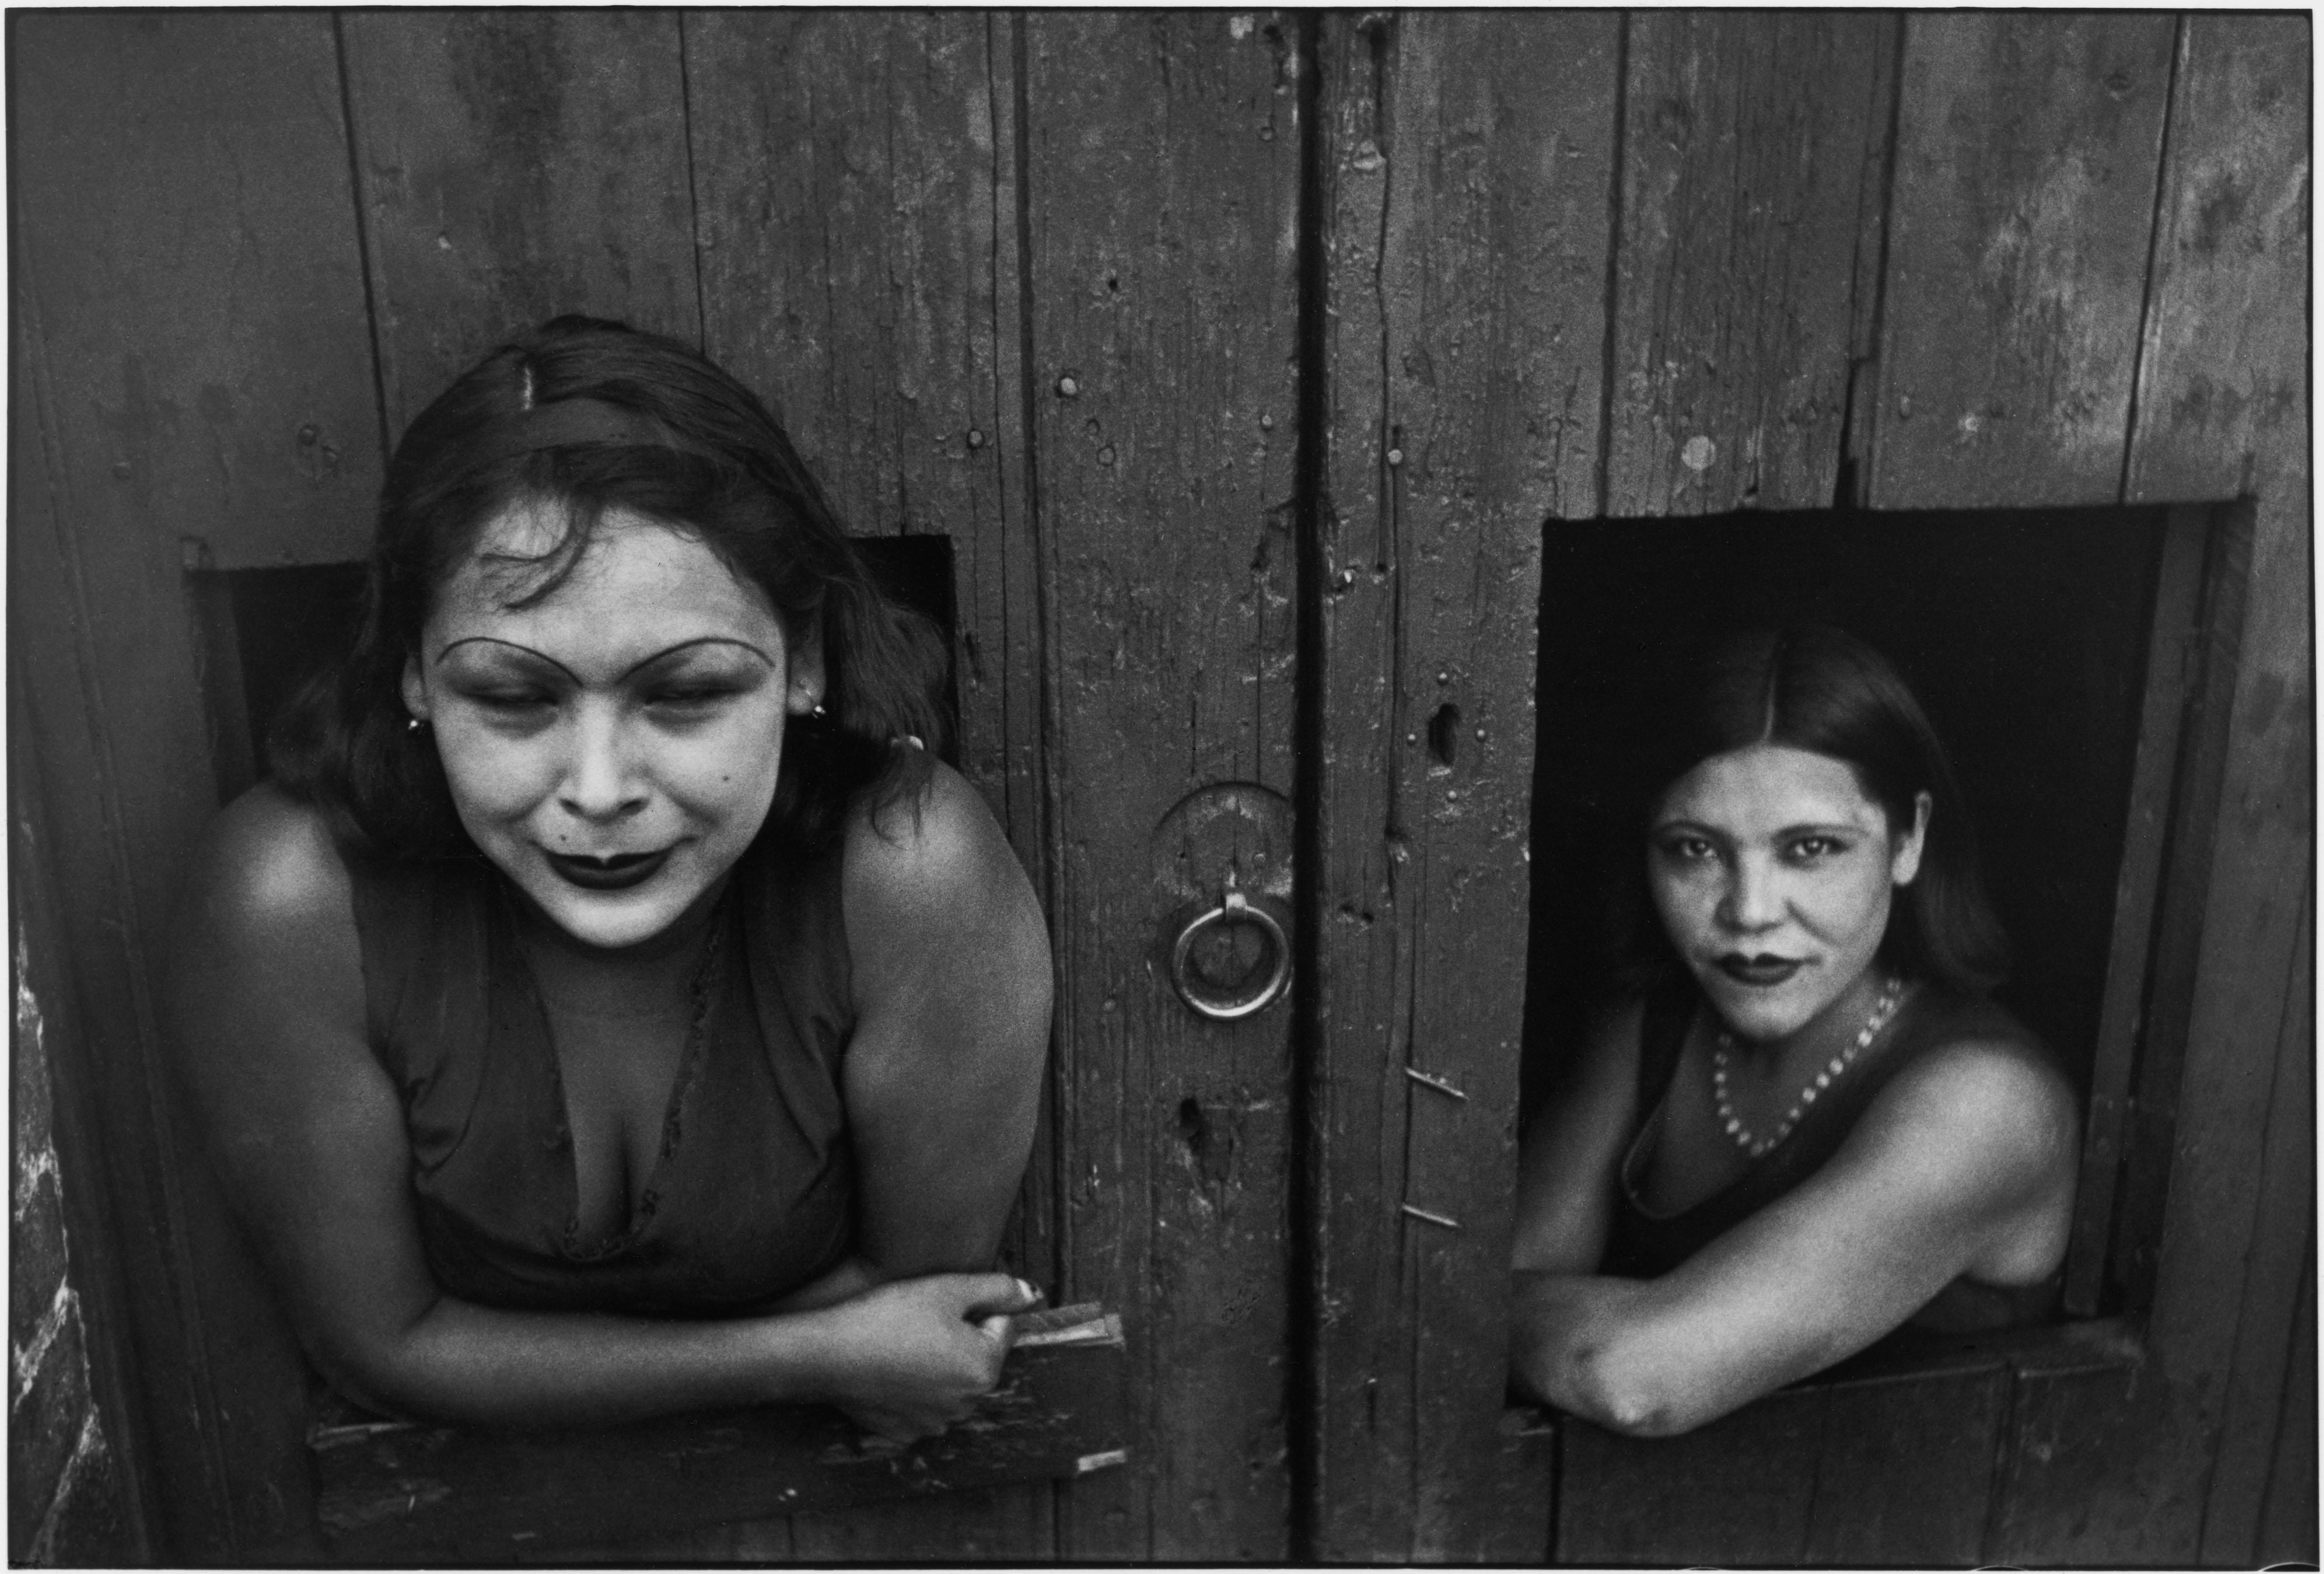 414b0e8fd1c MEXICO. Mexico City. Prostituées. Calle Cuauhtemoctzin. 1934. Exposição das  primeiras fotografias de Henri Cartier-Bresson está ...